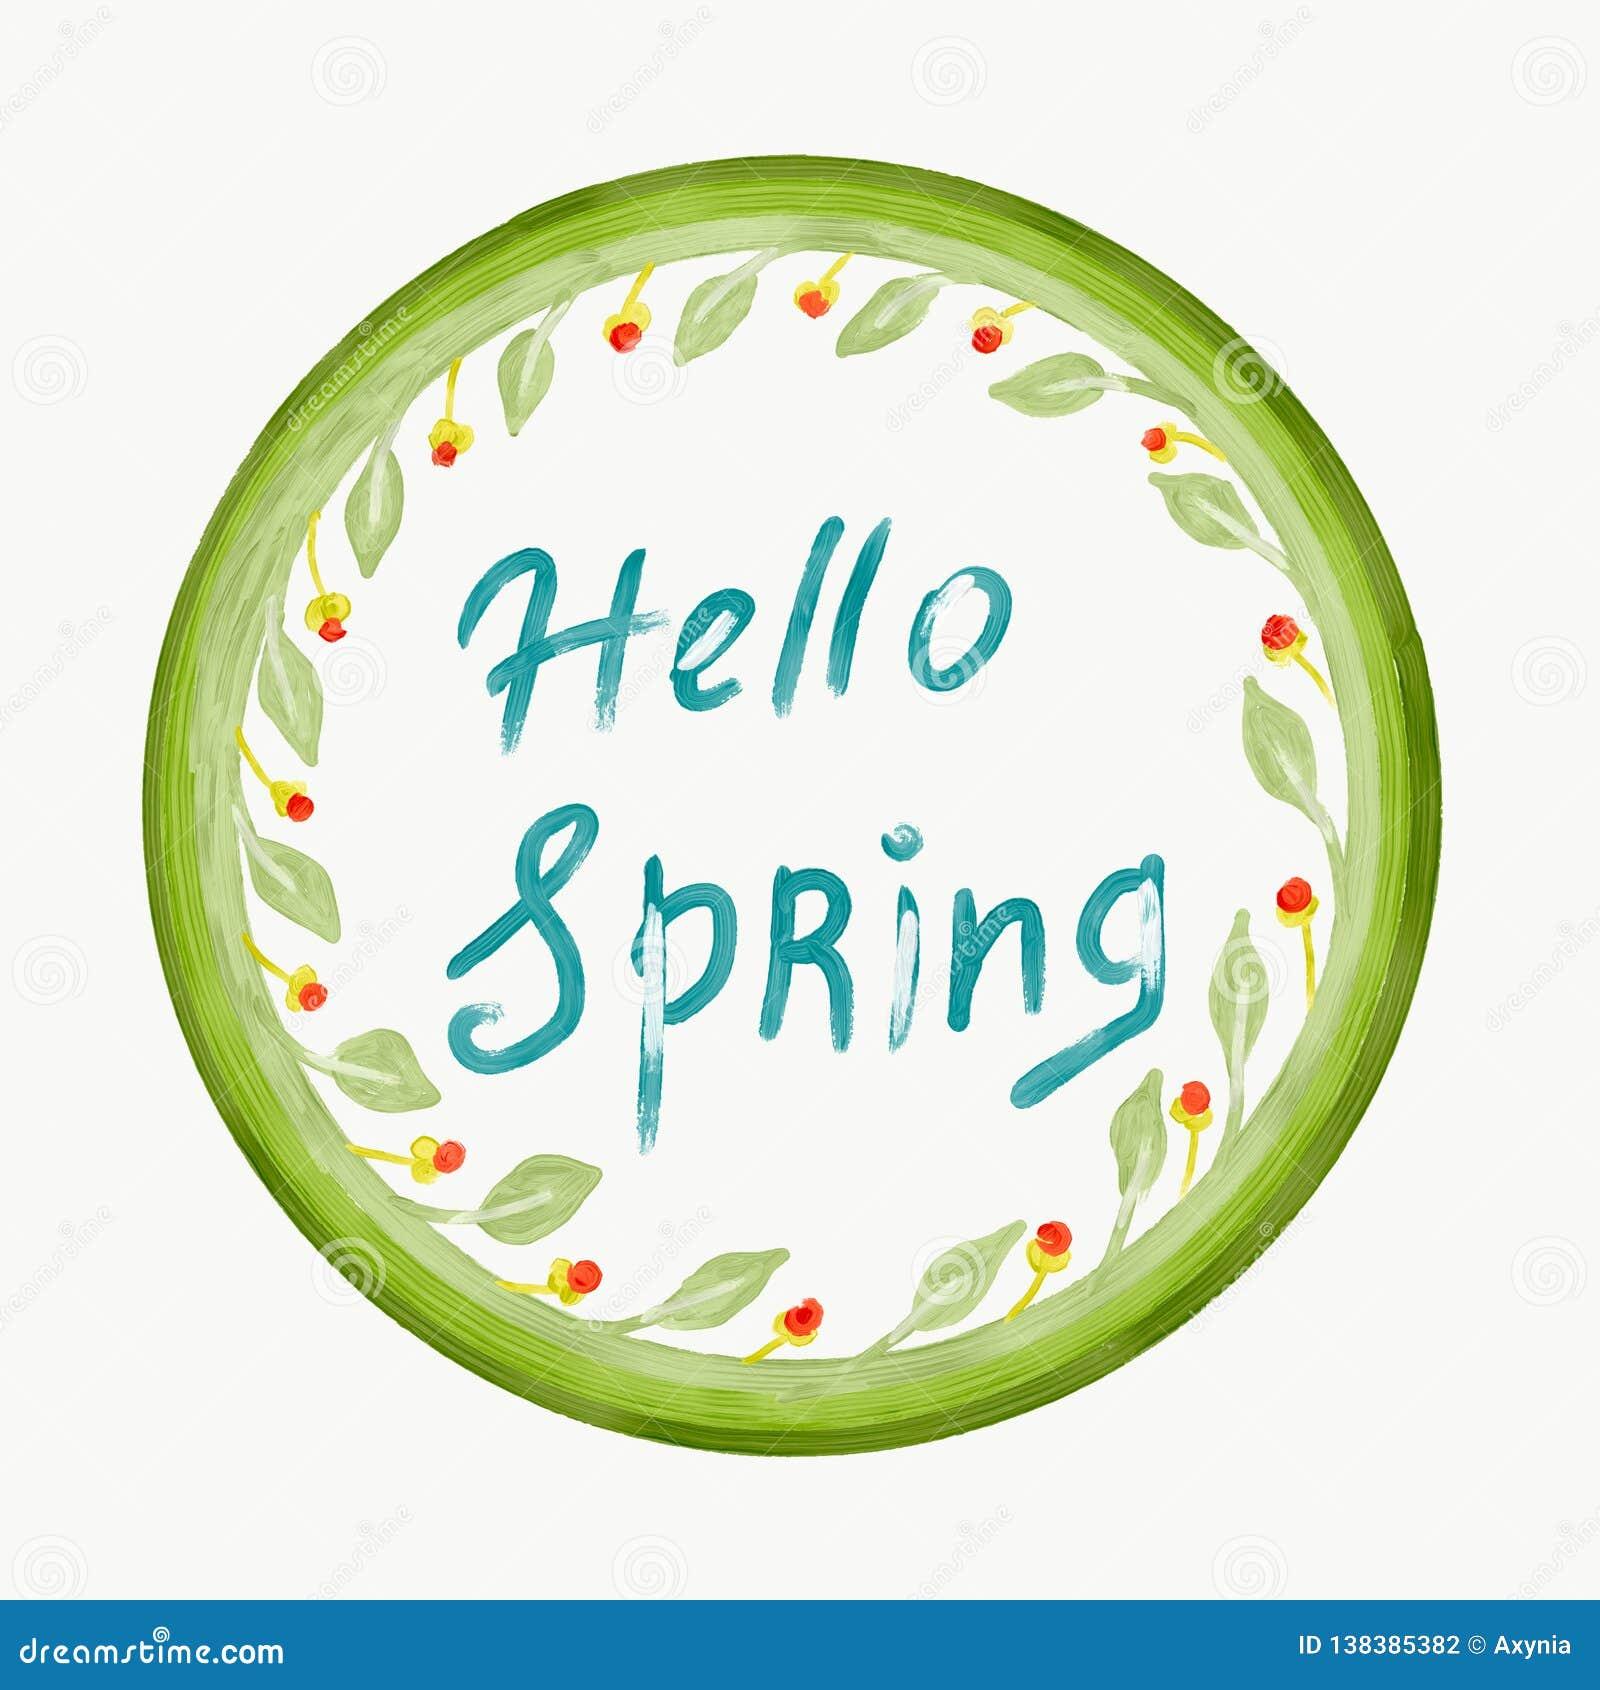 Cześć wiosny pojęcie Zieleń kwiaty w okręgu kształcie i liście Doodle styl rysujący cyfrowy obraz ręcznie